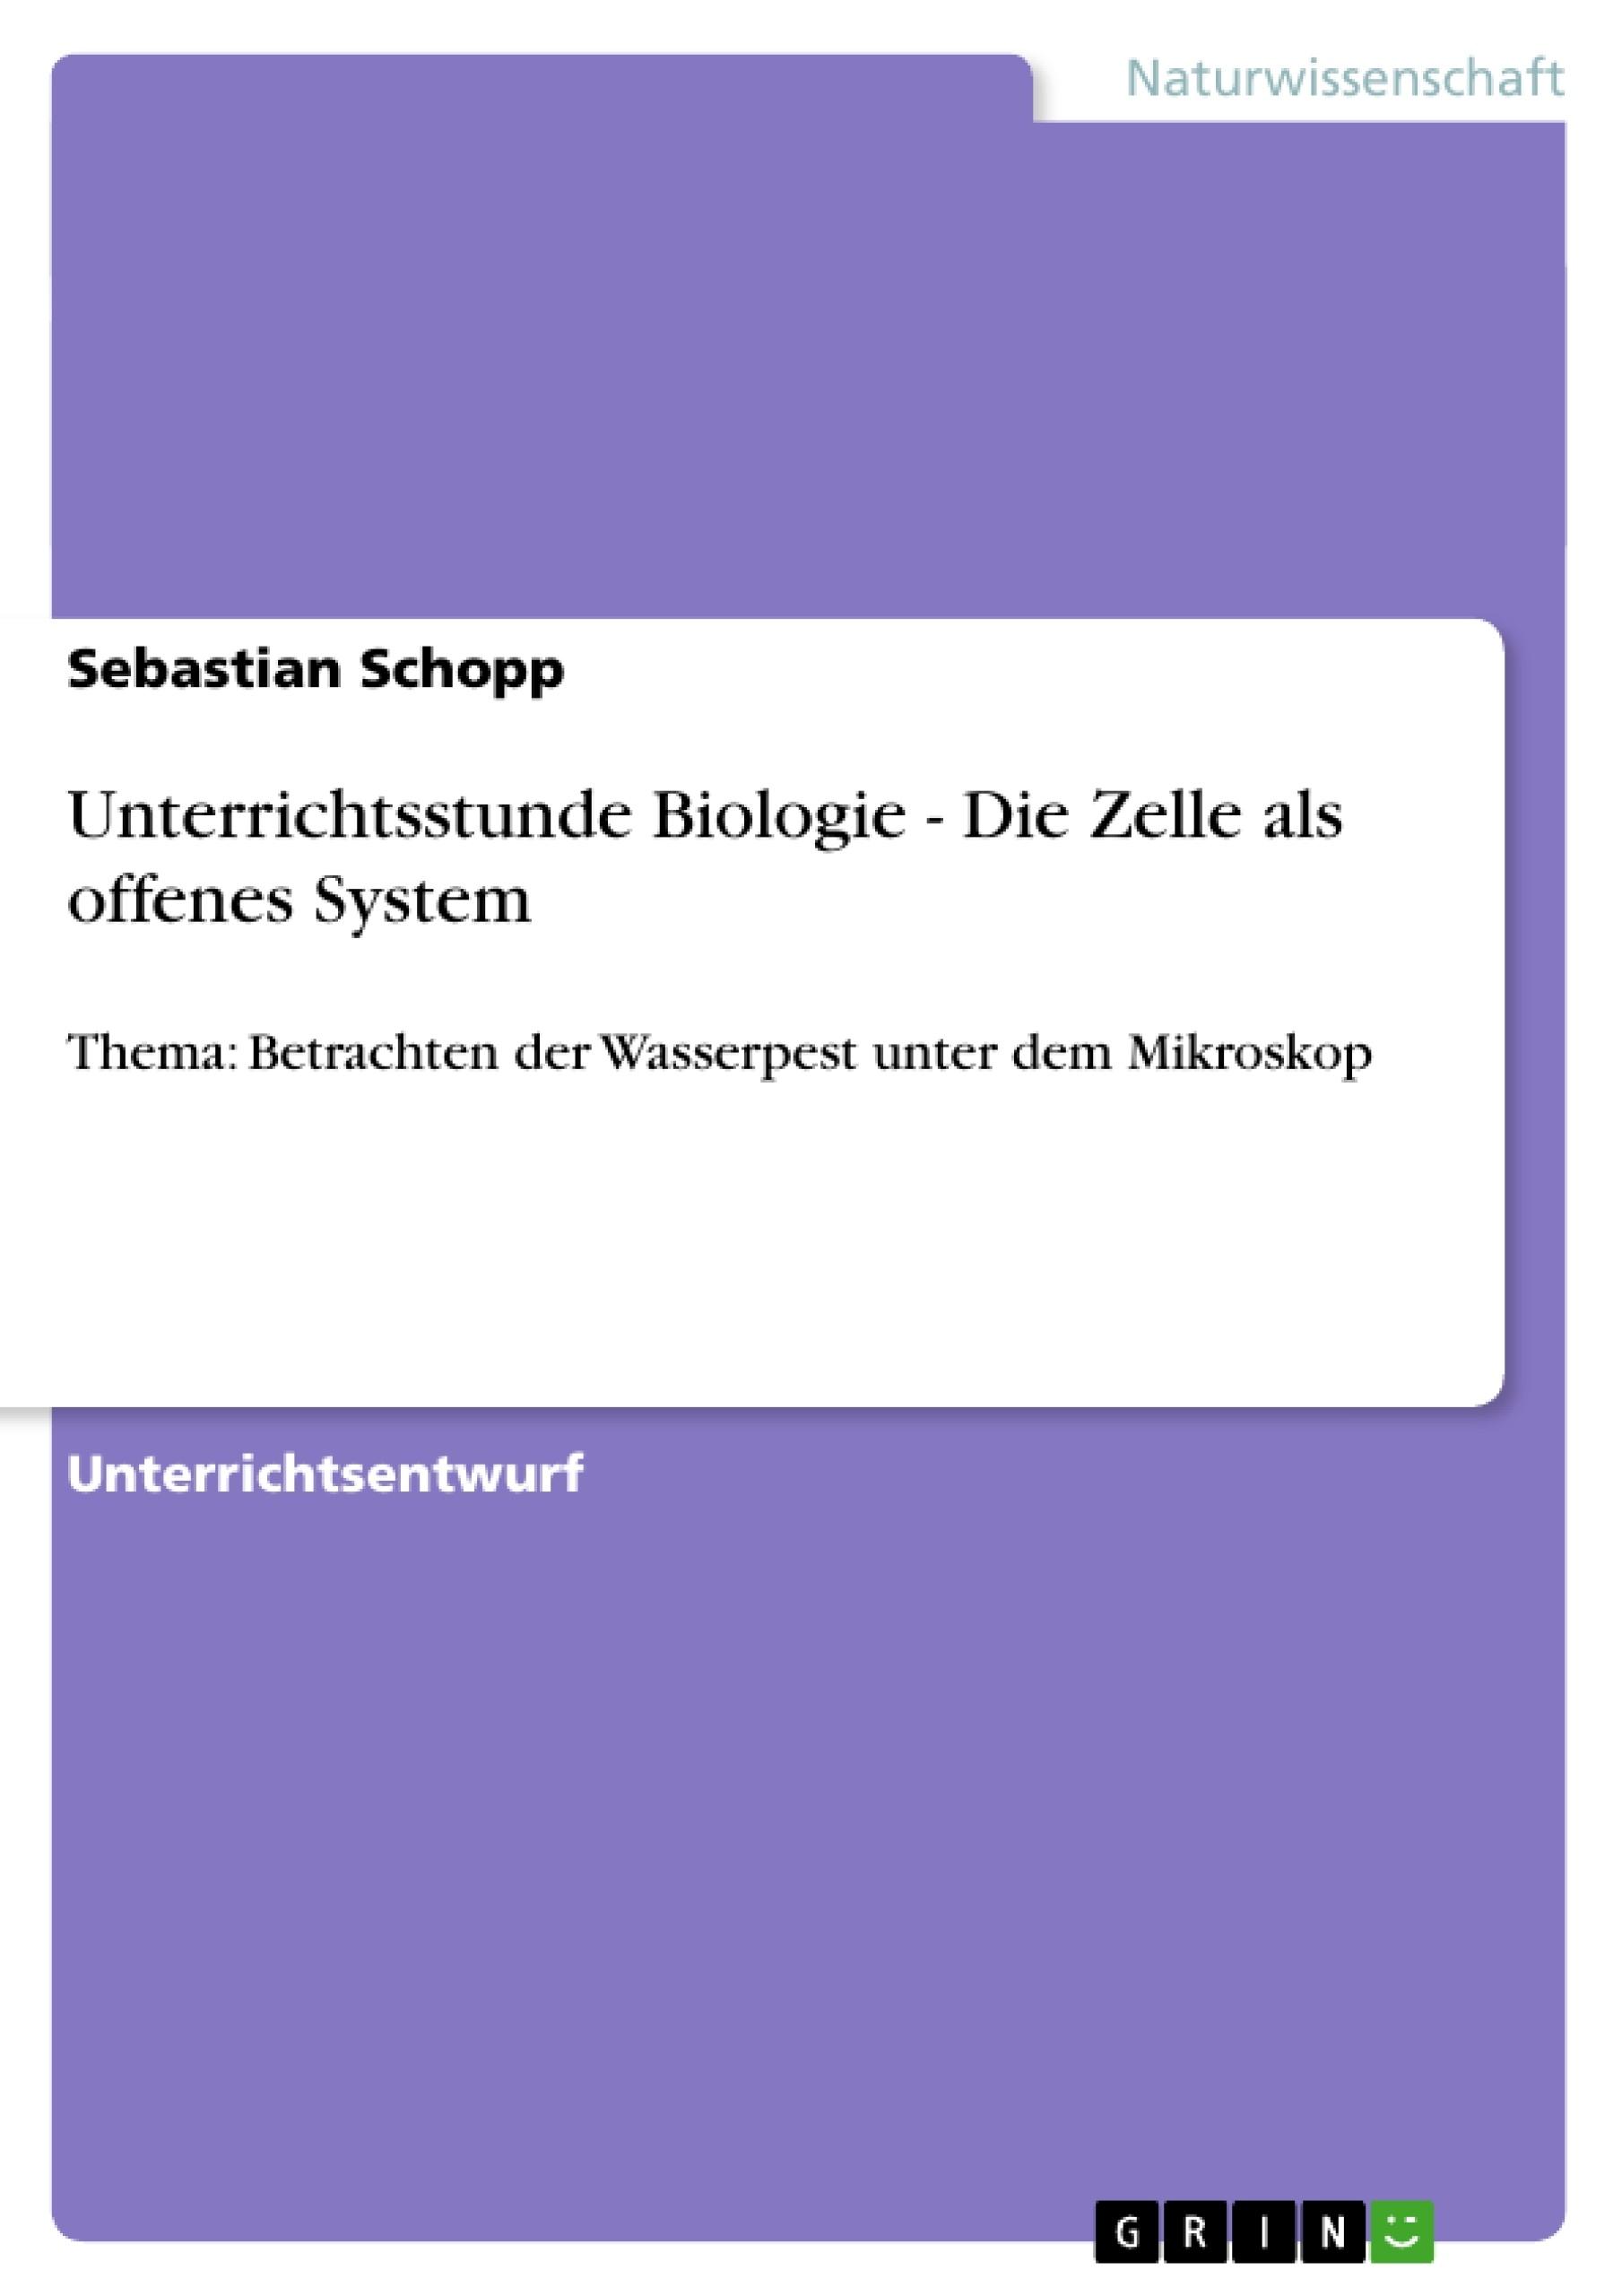 Groß Biologie Ãœbersetzung Arbeitsblatt Bilder - Super Lehrer ...